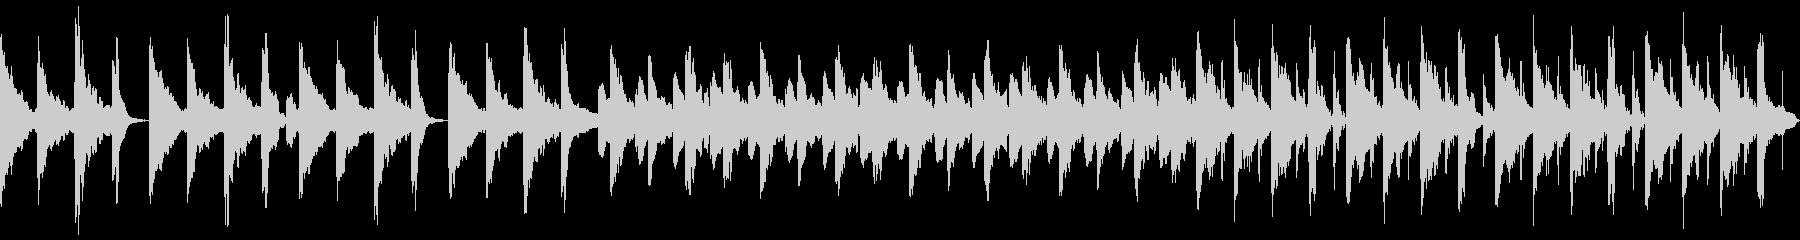 3拍子 シンプル 日常の未再生の波形